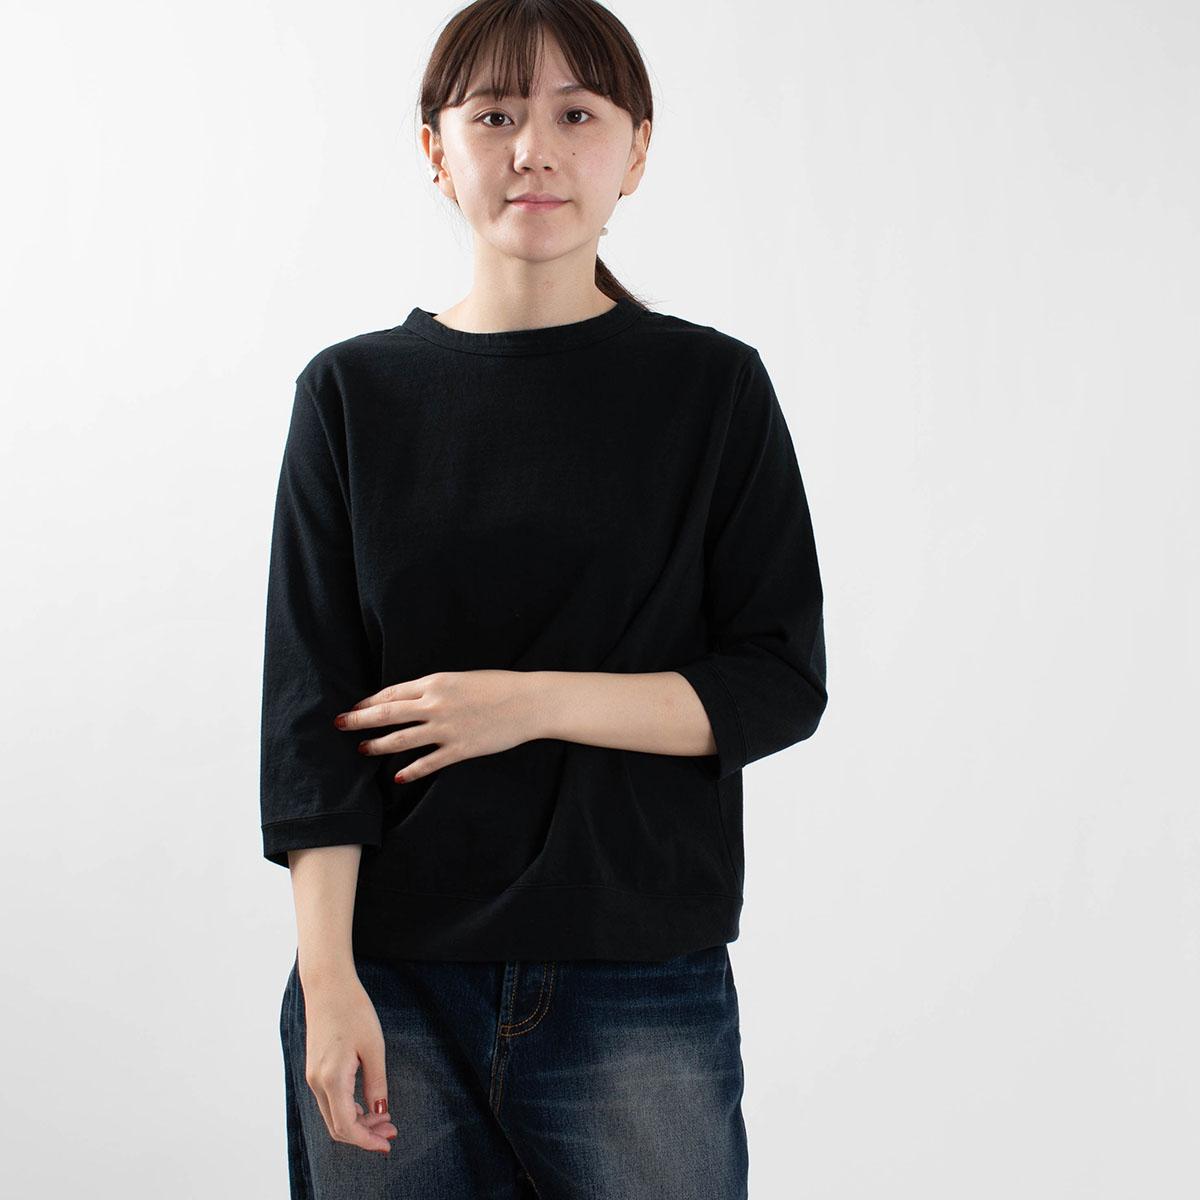 DANA FANEUIL ムラ糸天竺7分袖ワイドTシャツ